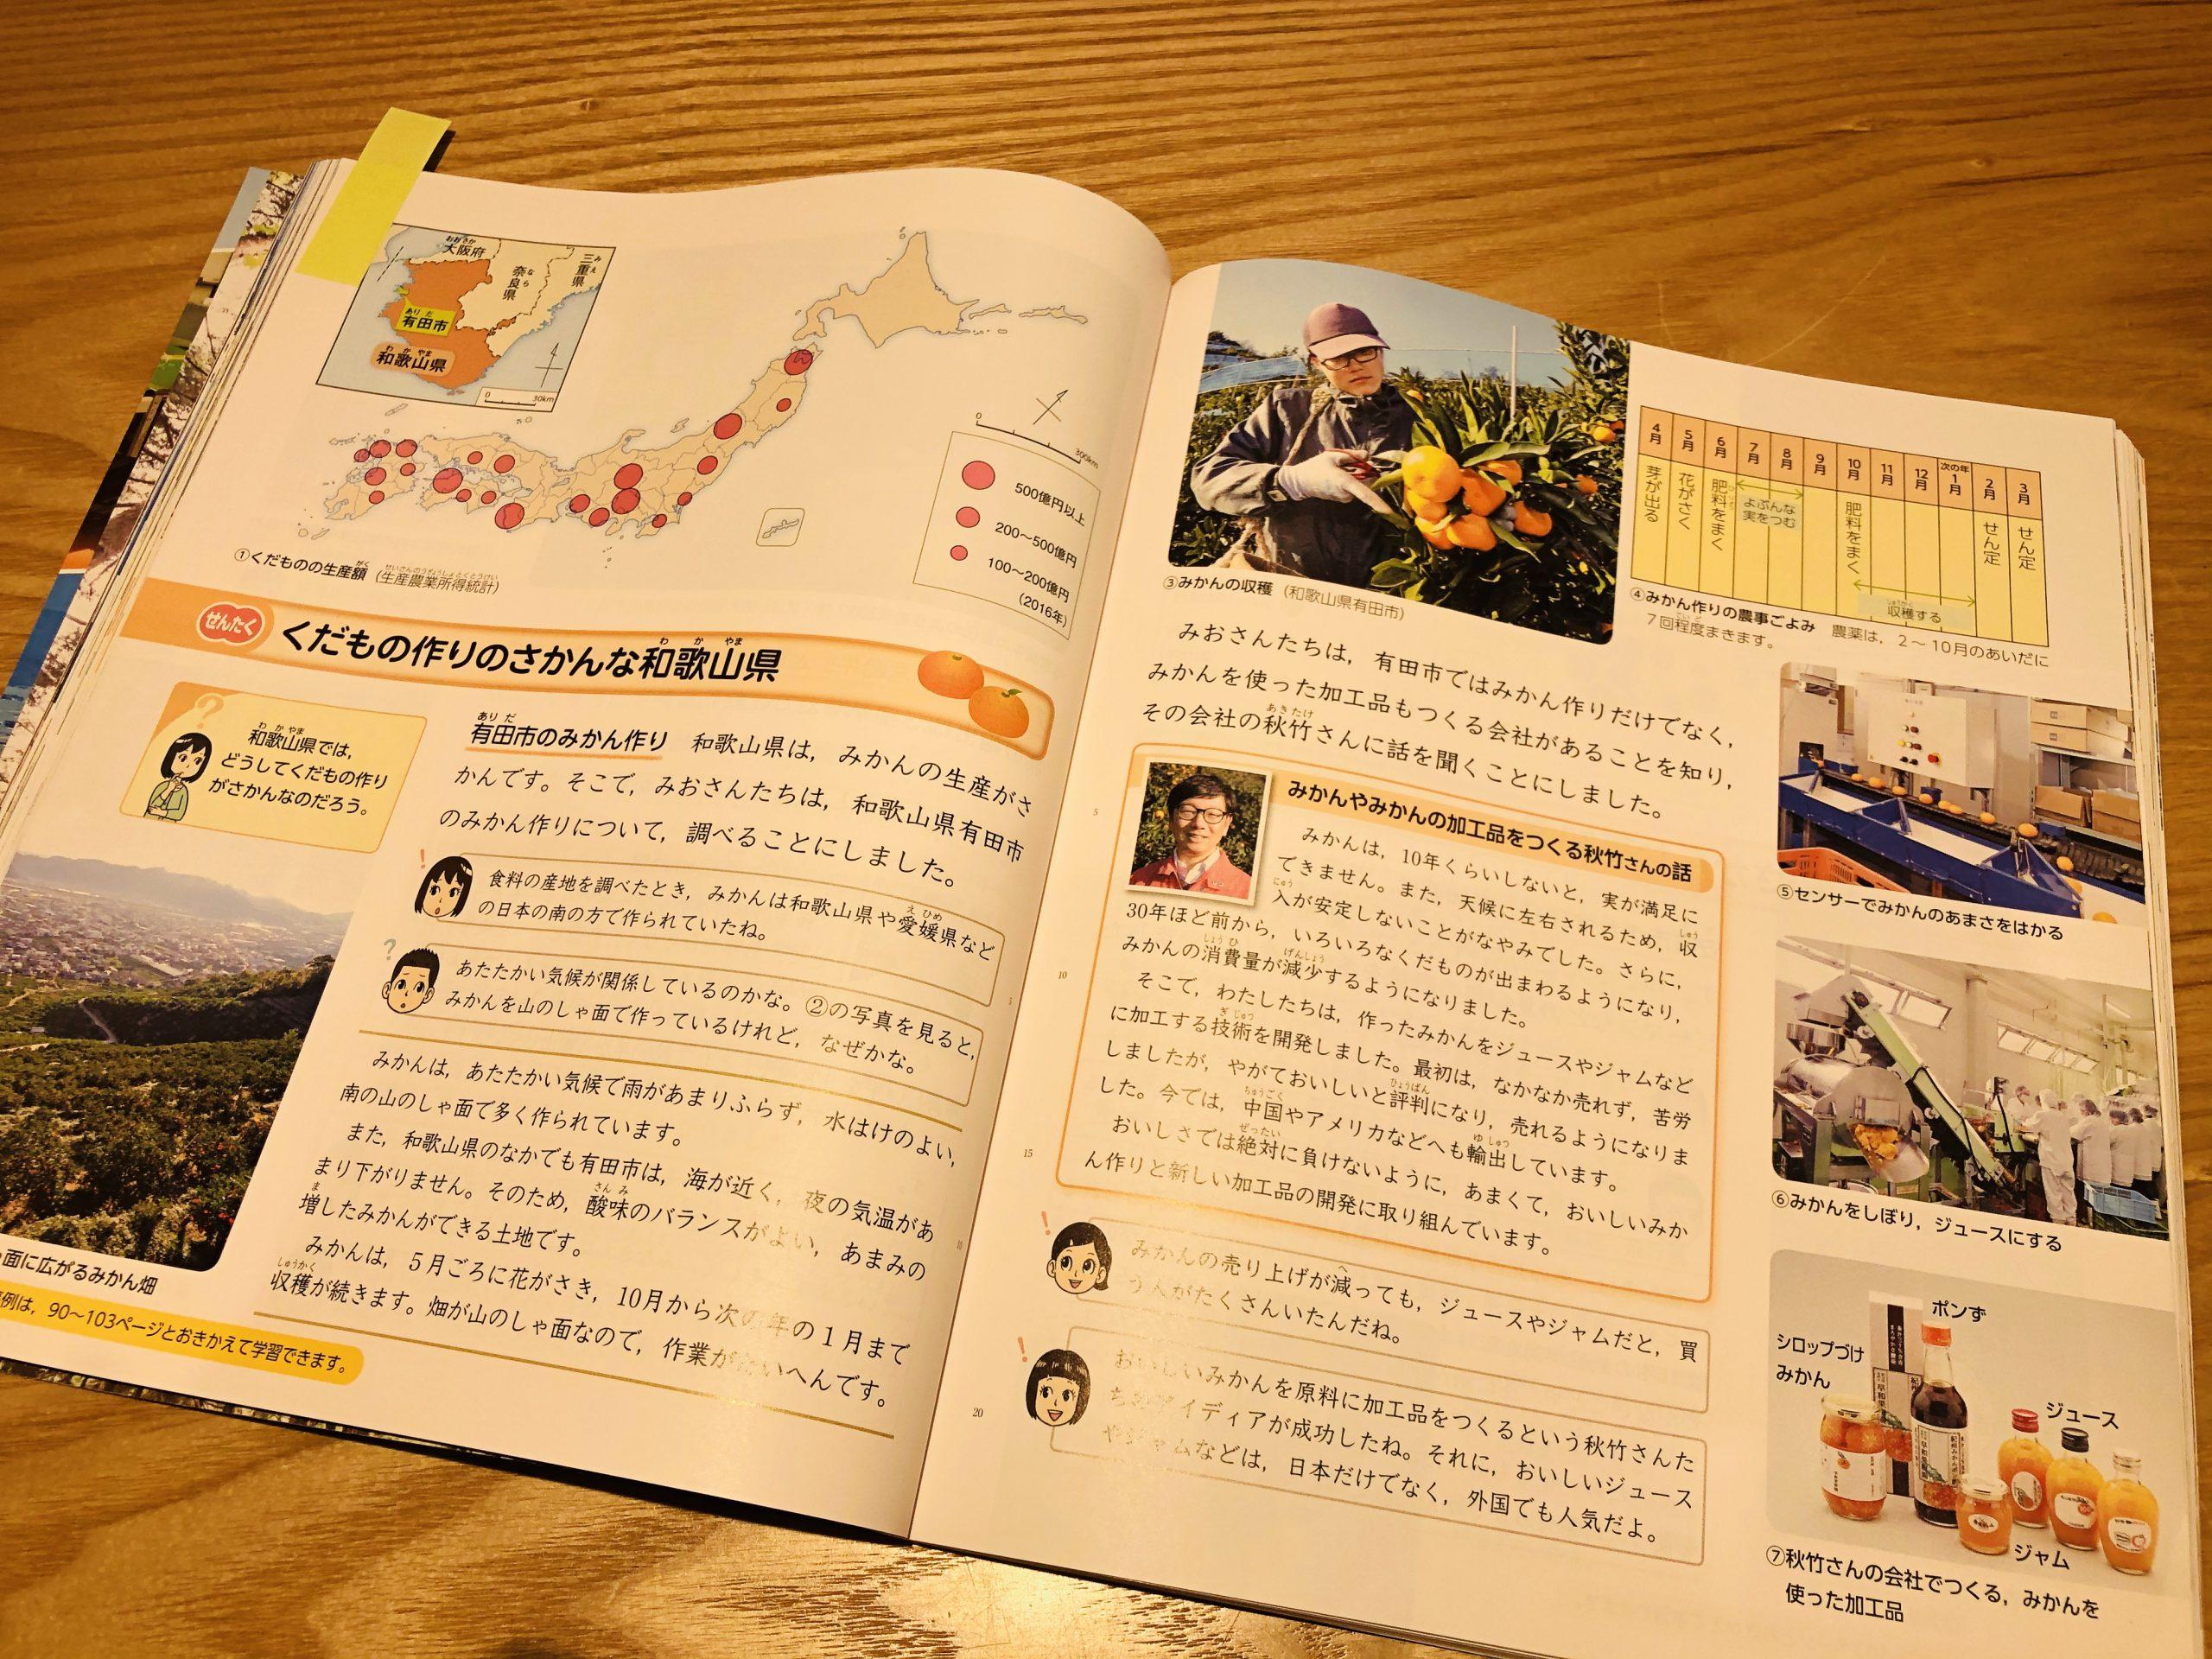 全国の小学5年生の社会科の教科書にに和歌山県を代表して早和果樹園が取り上げられている。社長秋竹のお話も掲載されている。